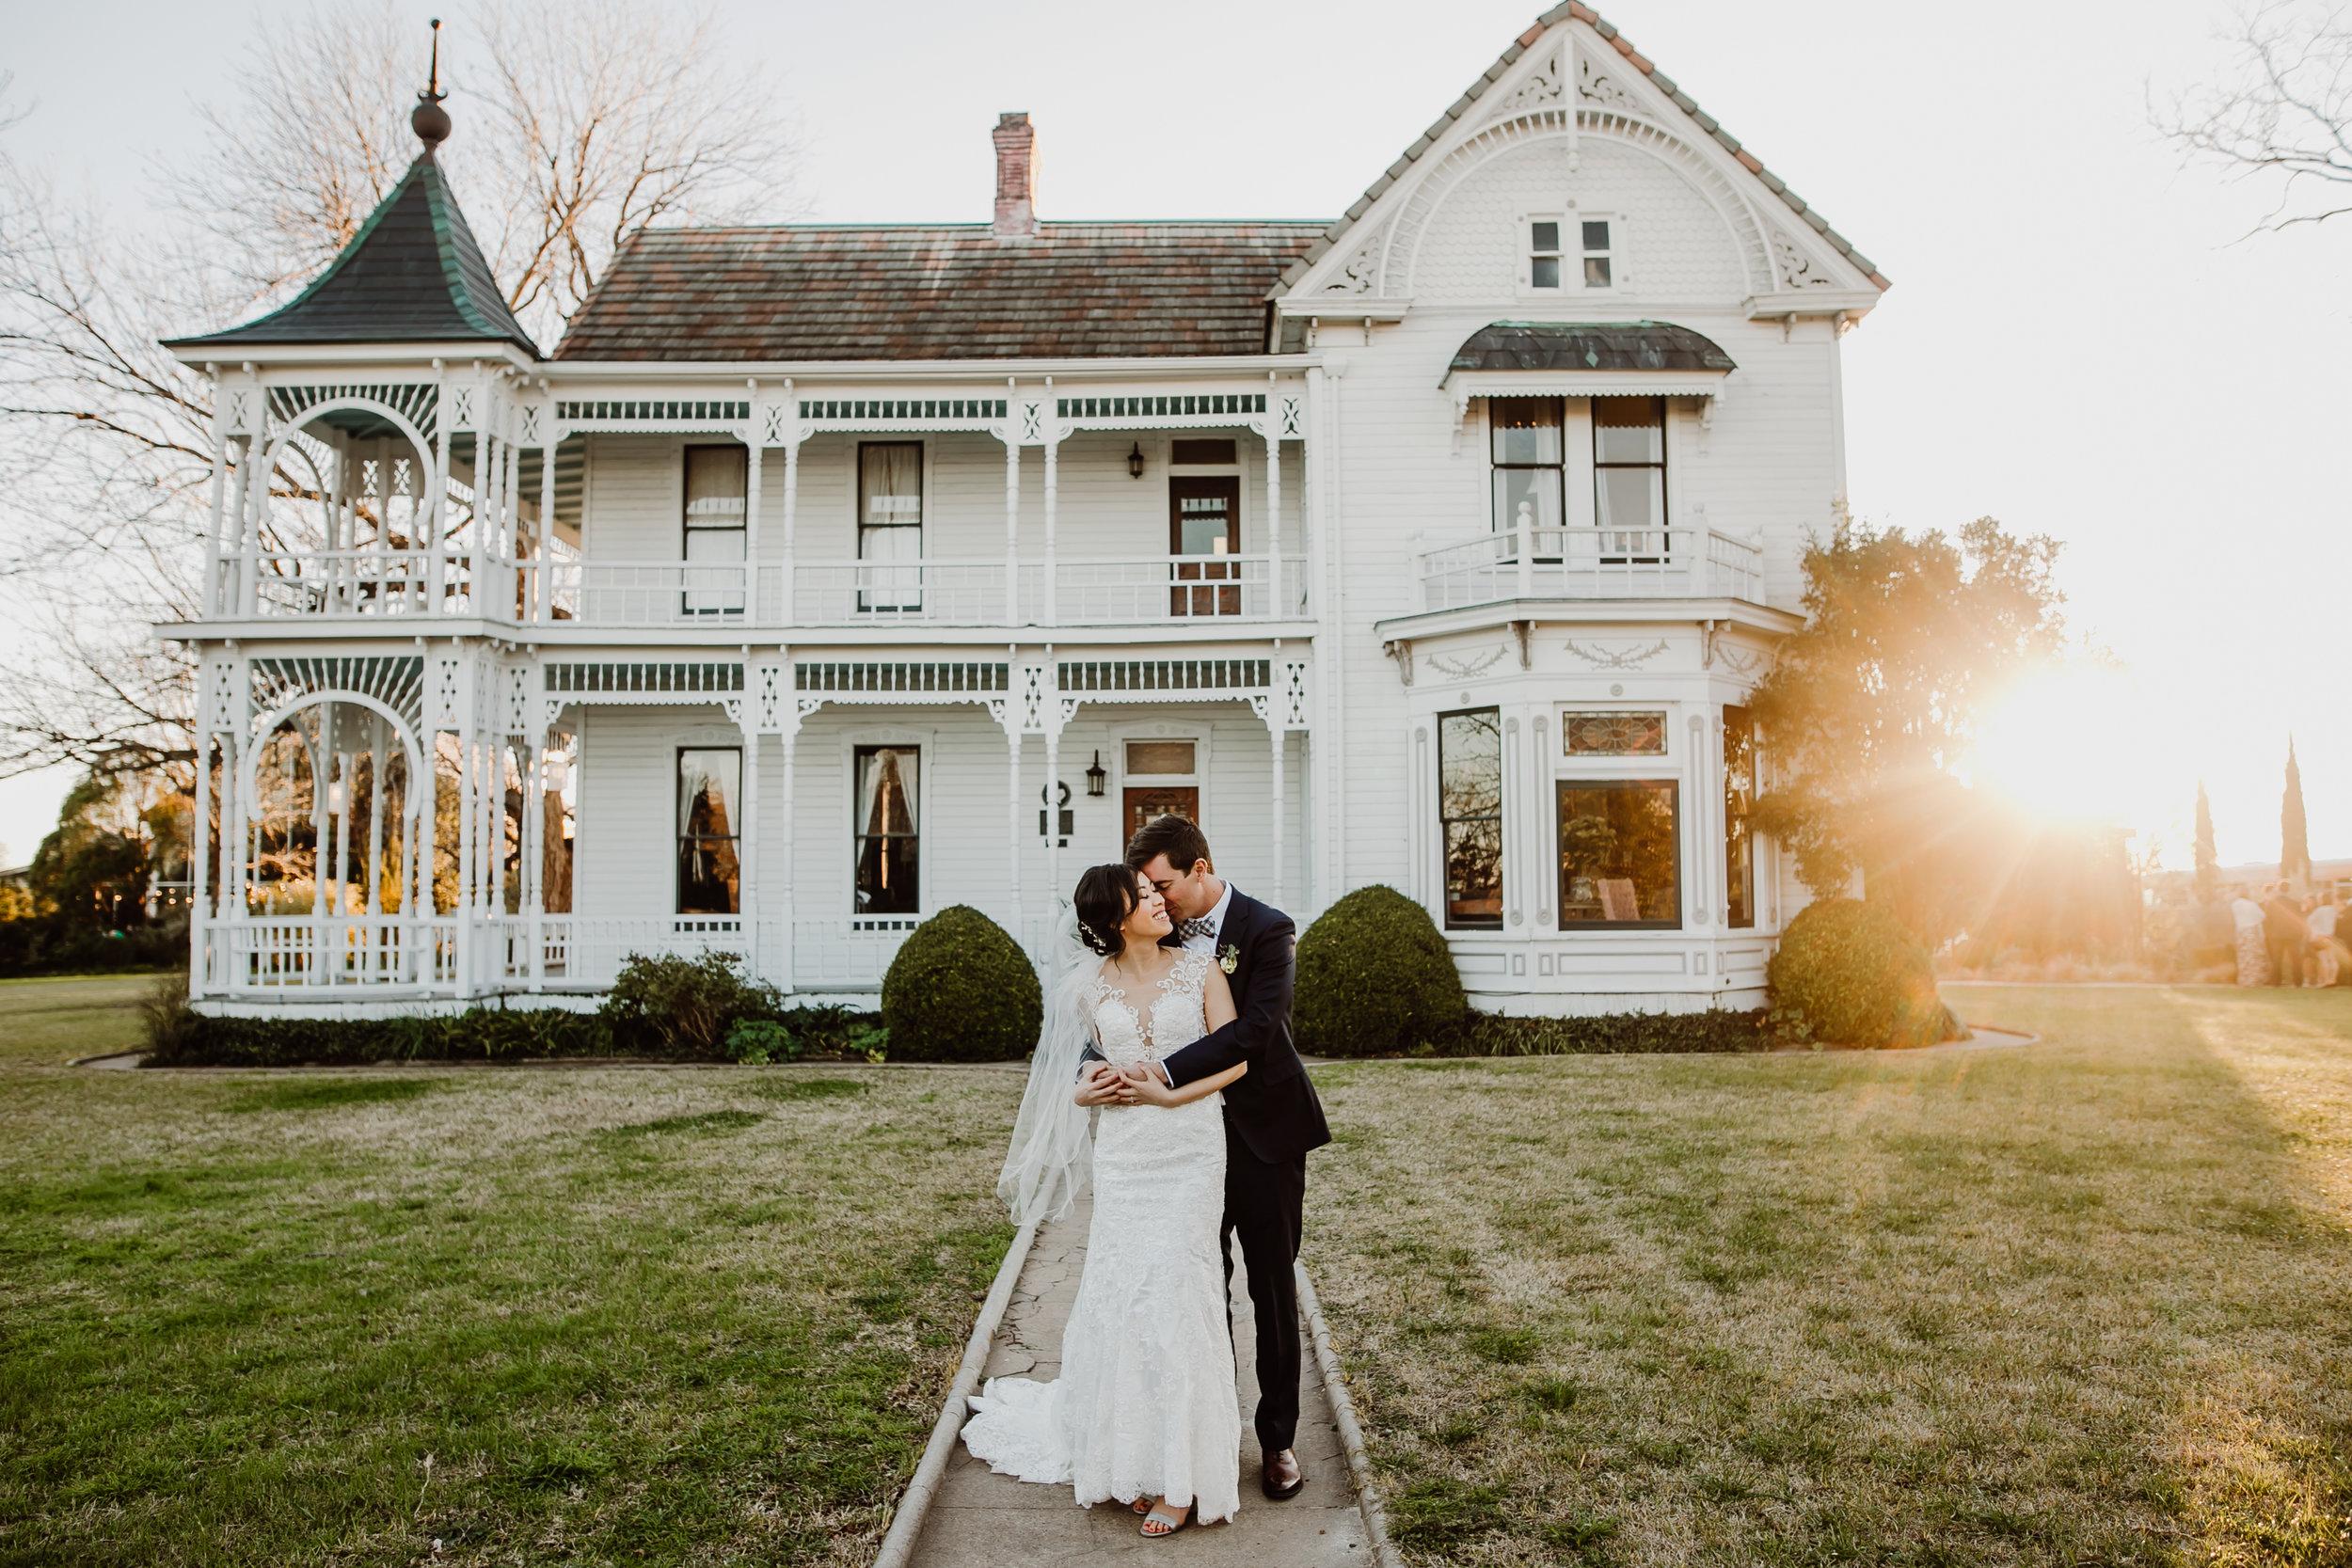 wedding at barr mansion